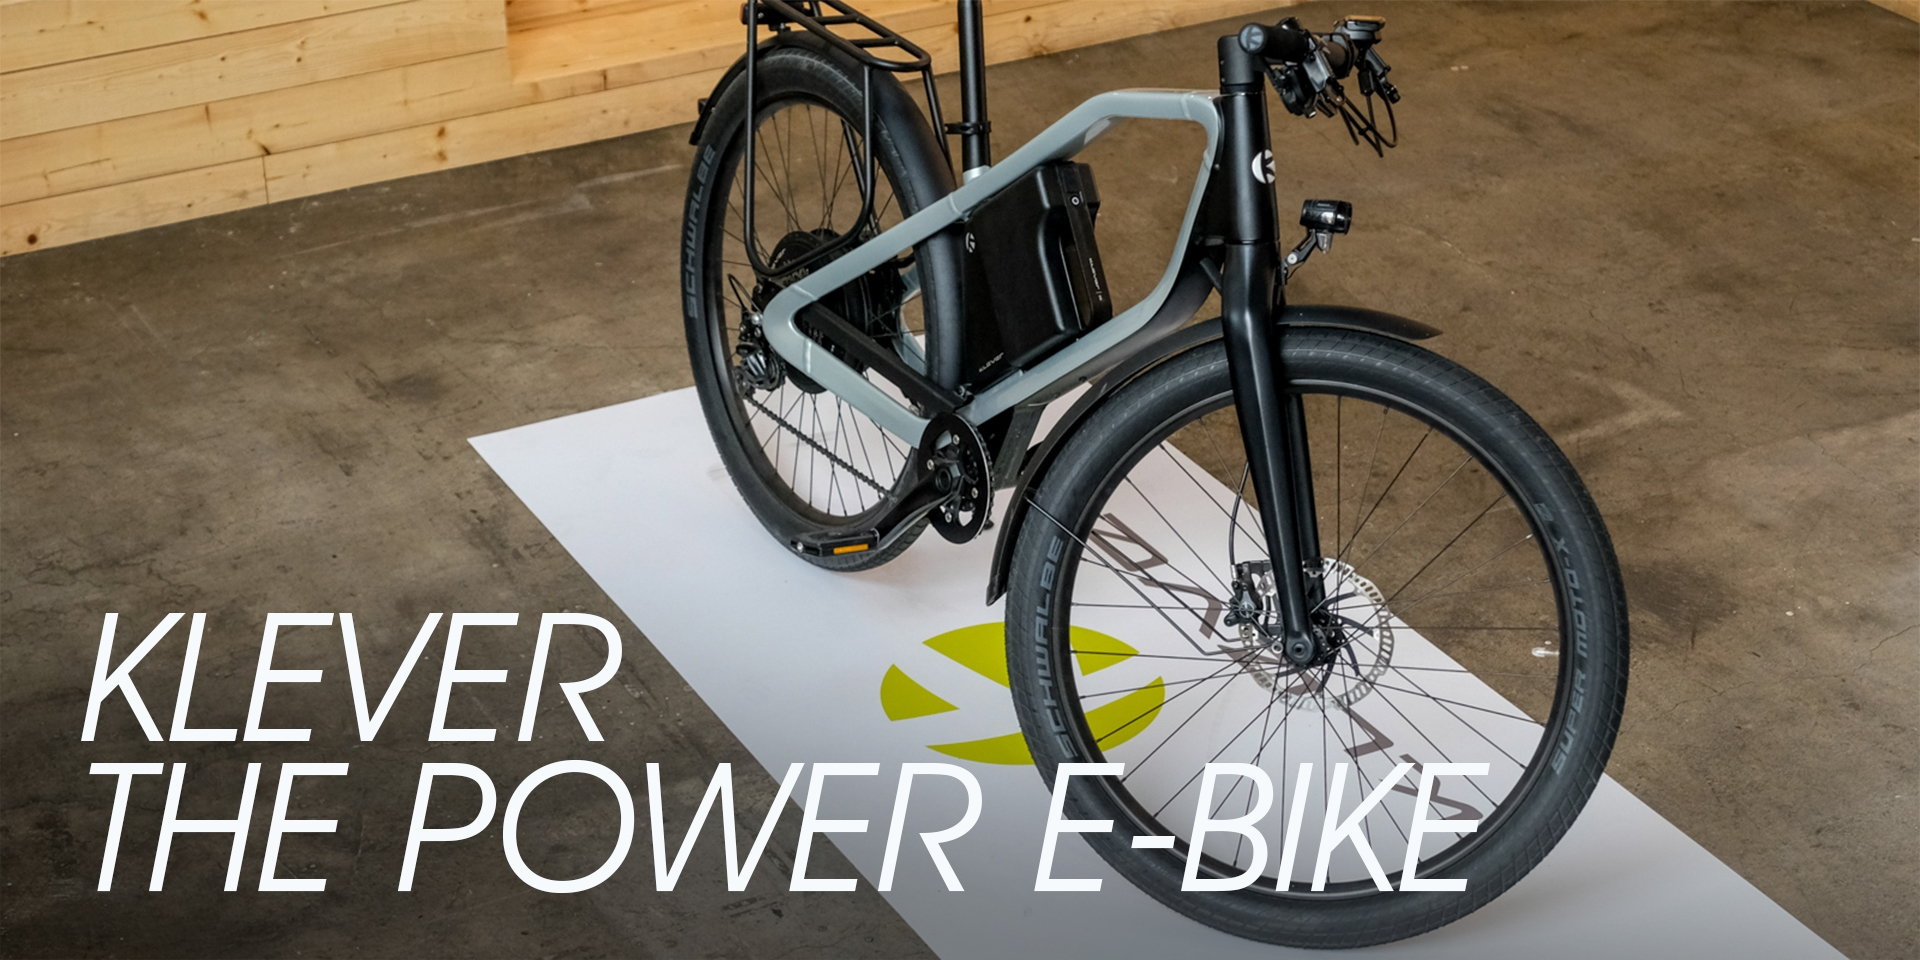 高質感通勤新方案,KLEVER電動輔助自行車試乘會